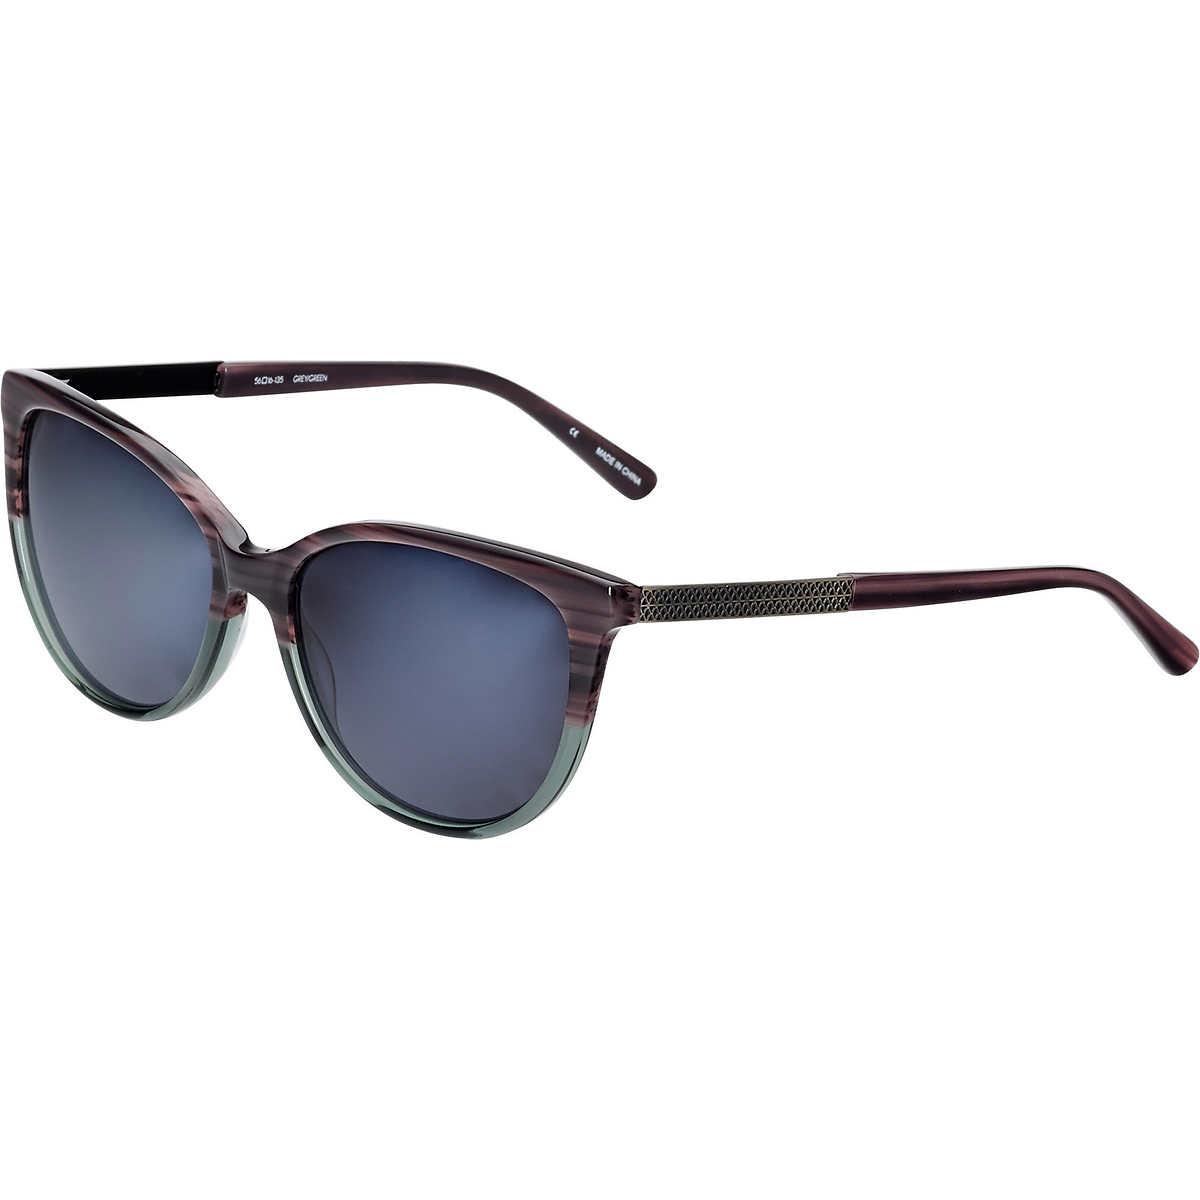 942bce0d7bb Karen Kane Lovechain Gray Green Polarized Sunglasses